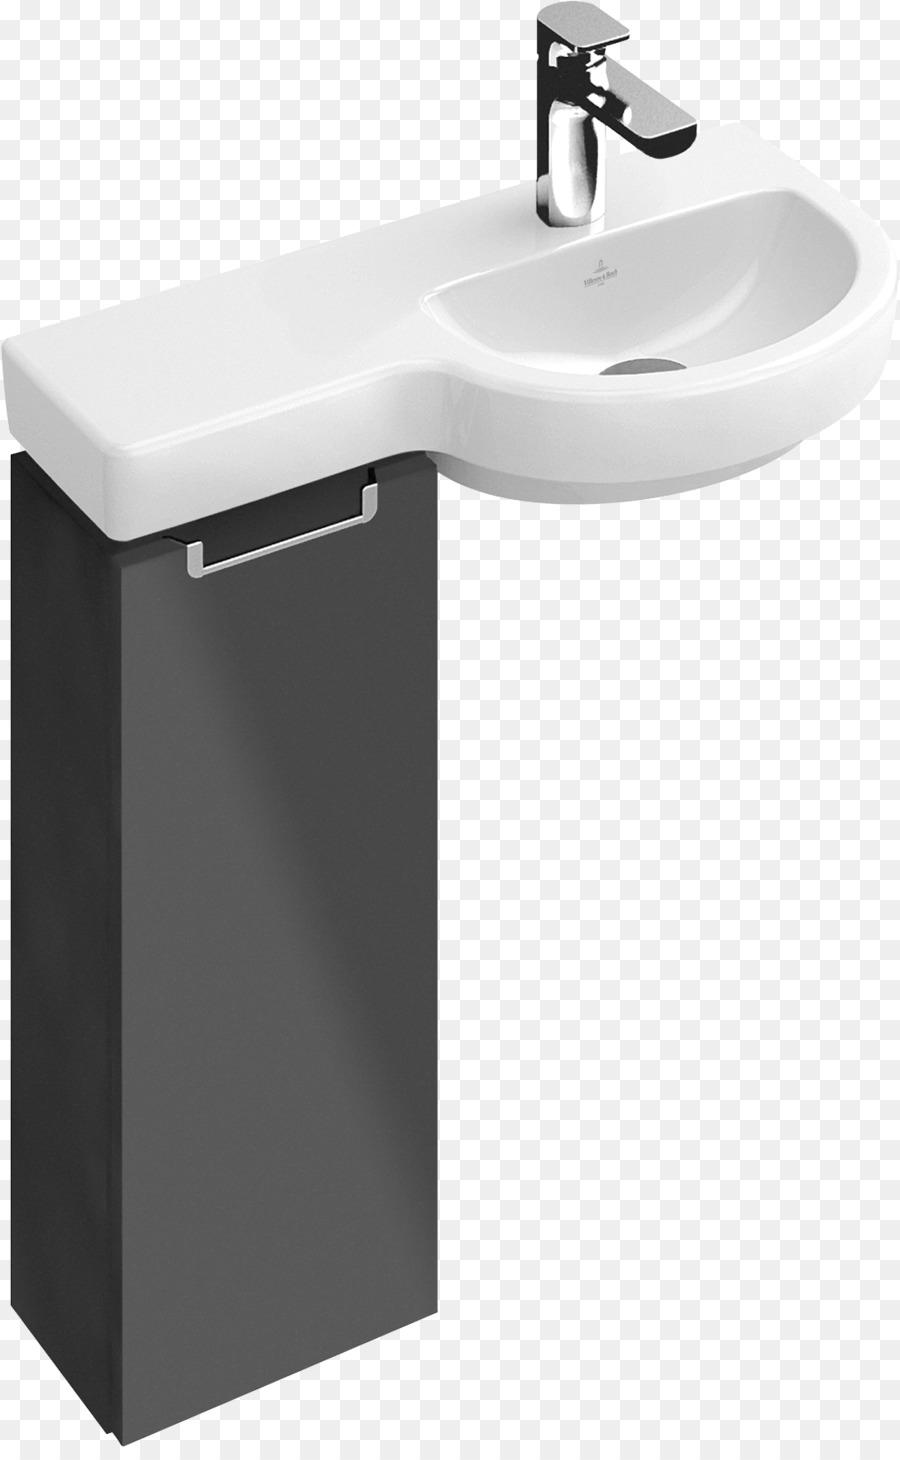 Sink Villeroy U0026 Boch Bathroom Furniture Subway   Sink